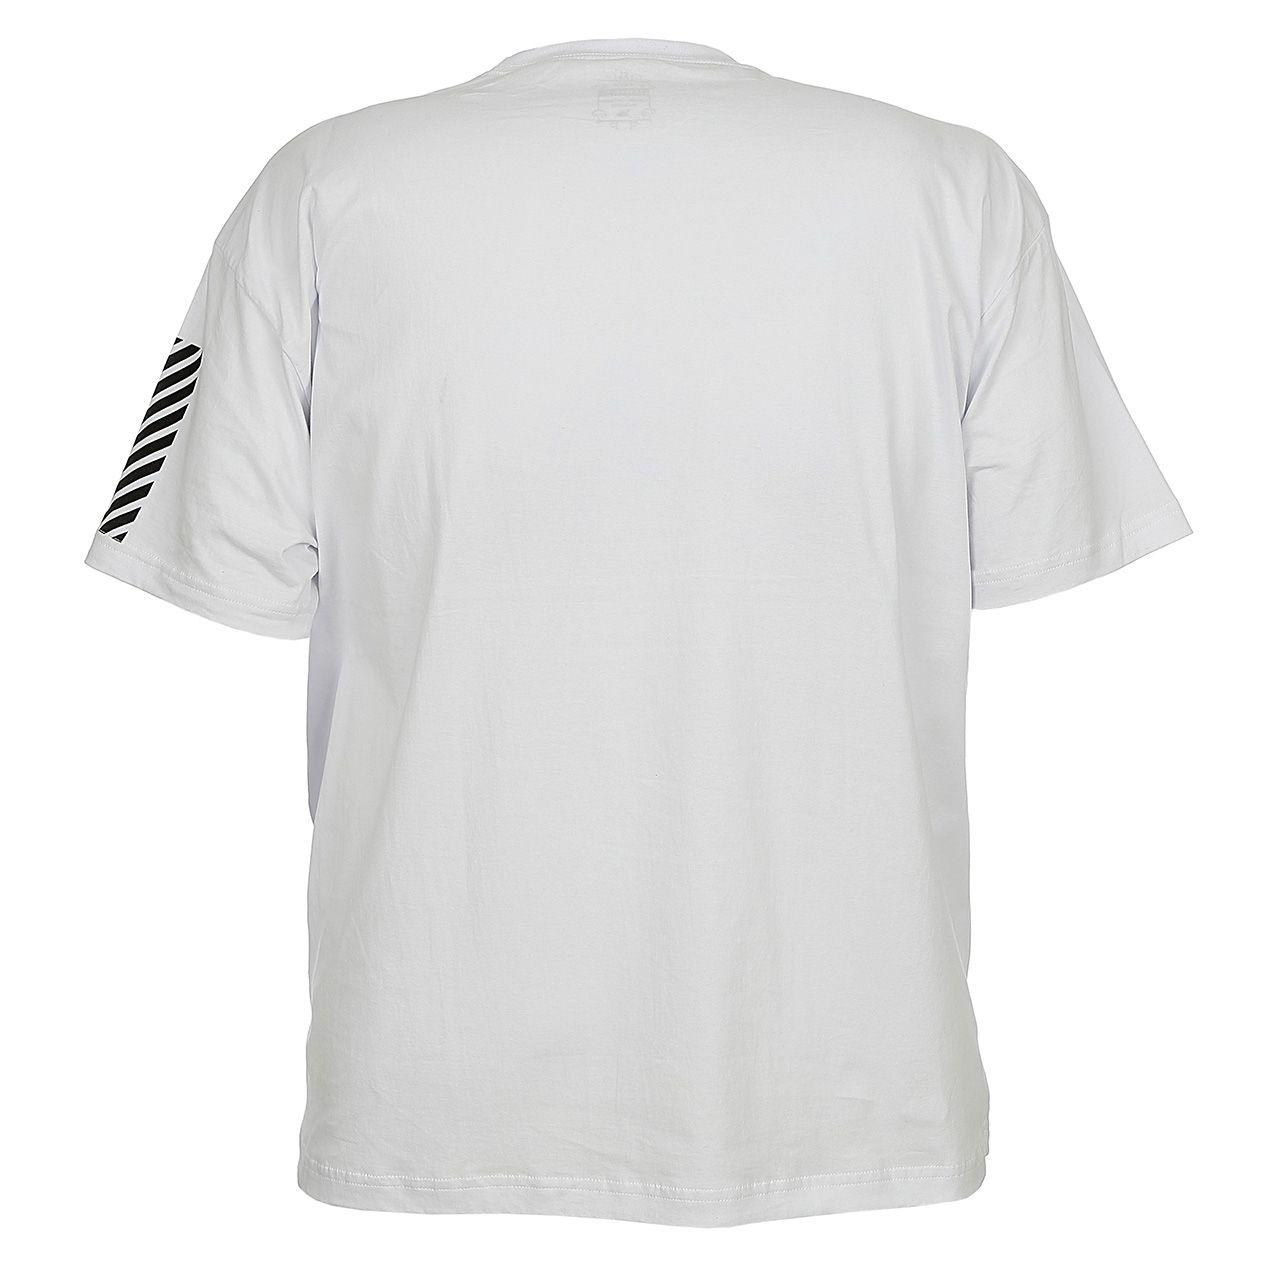 Camiseta M/C Lady Jane PLUS SIZE